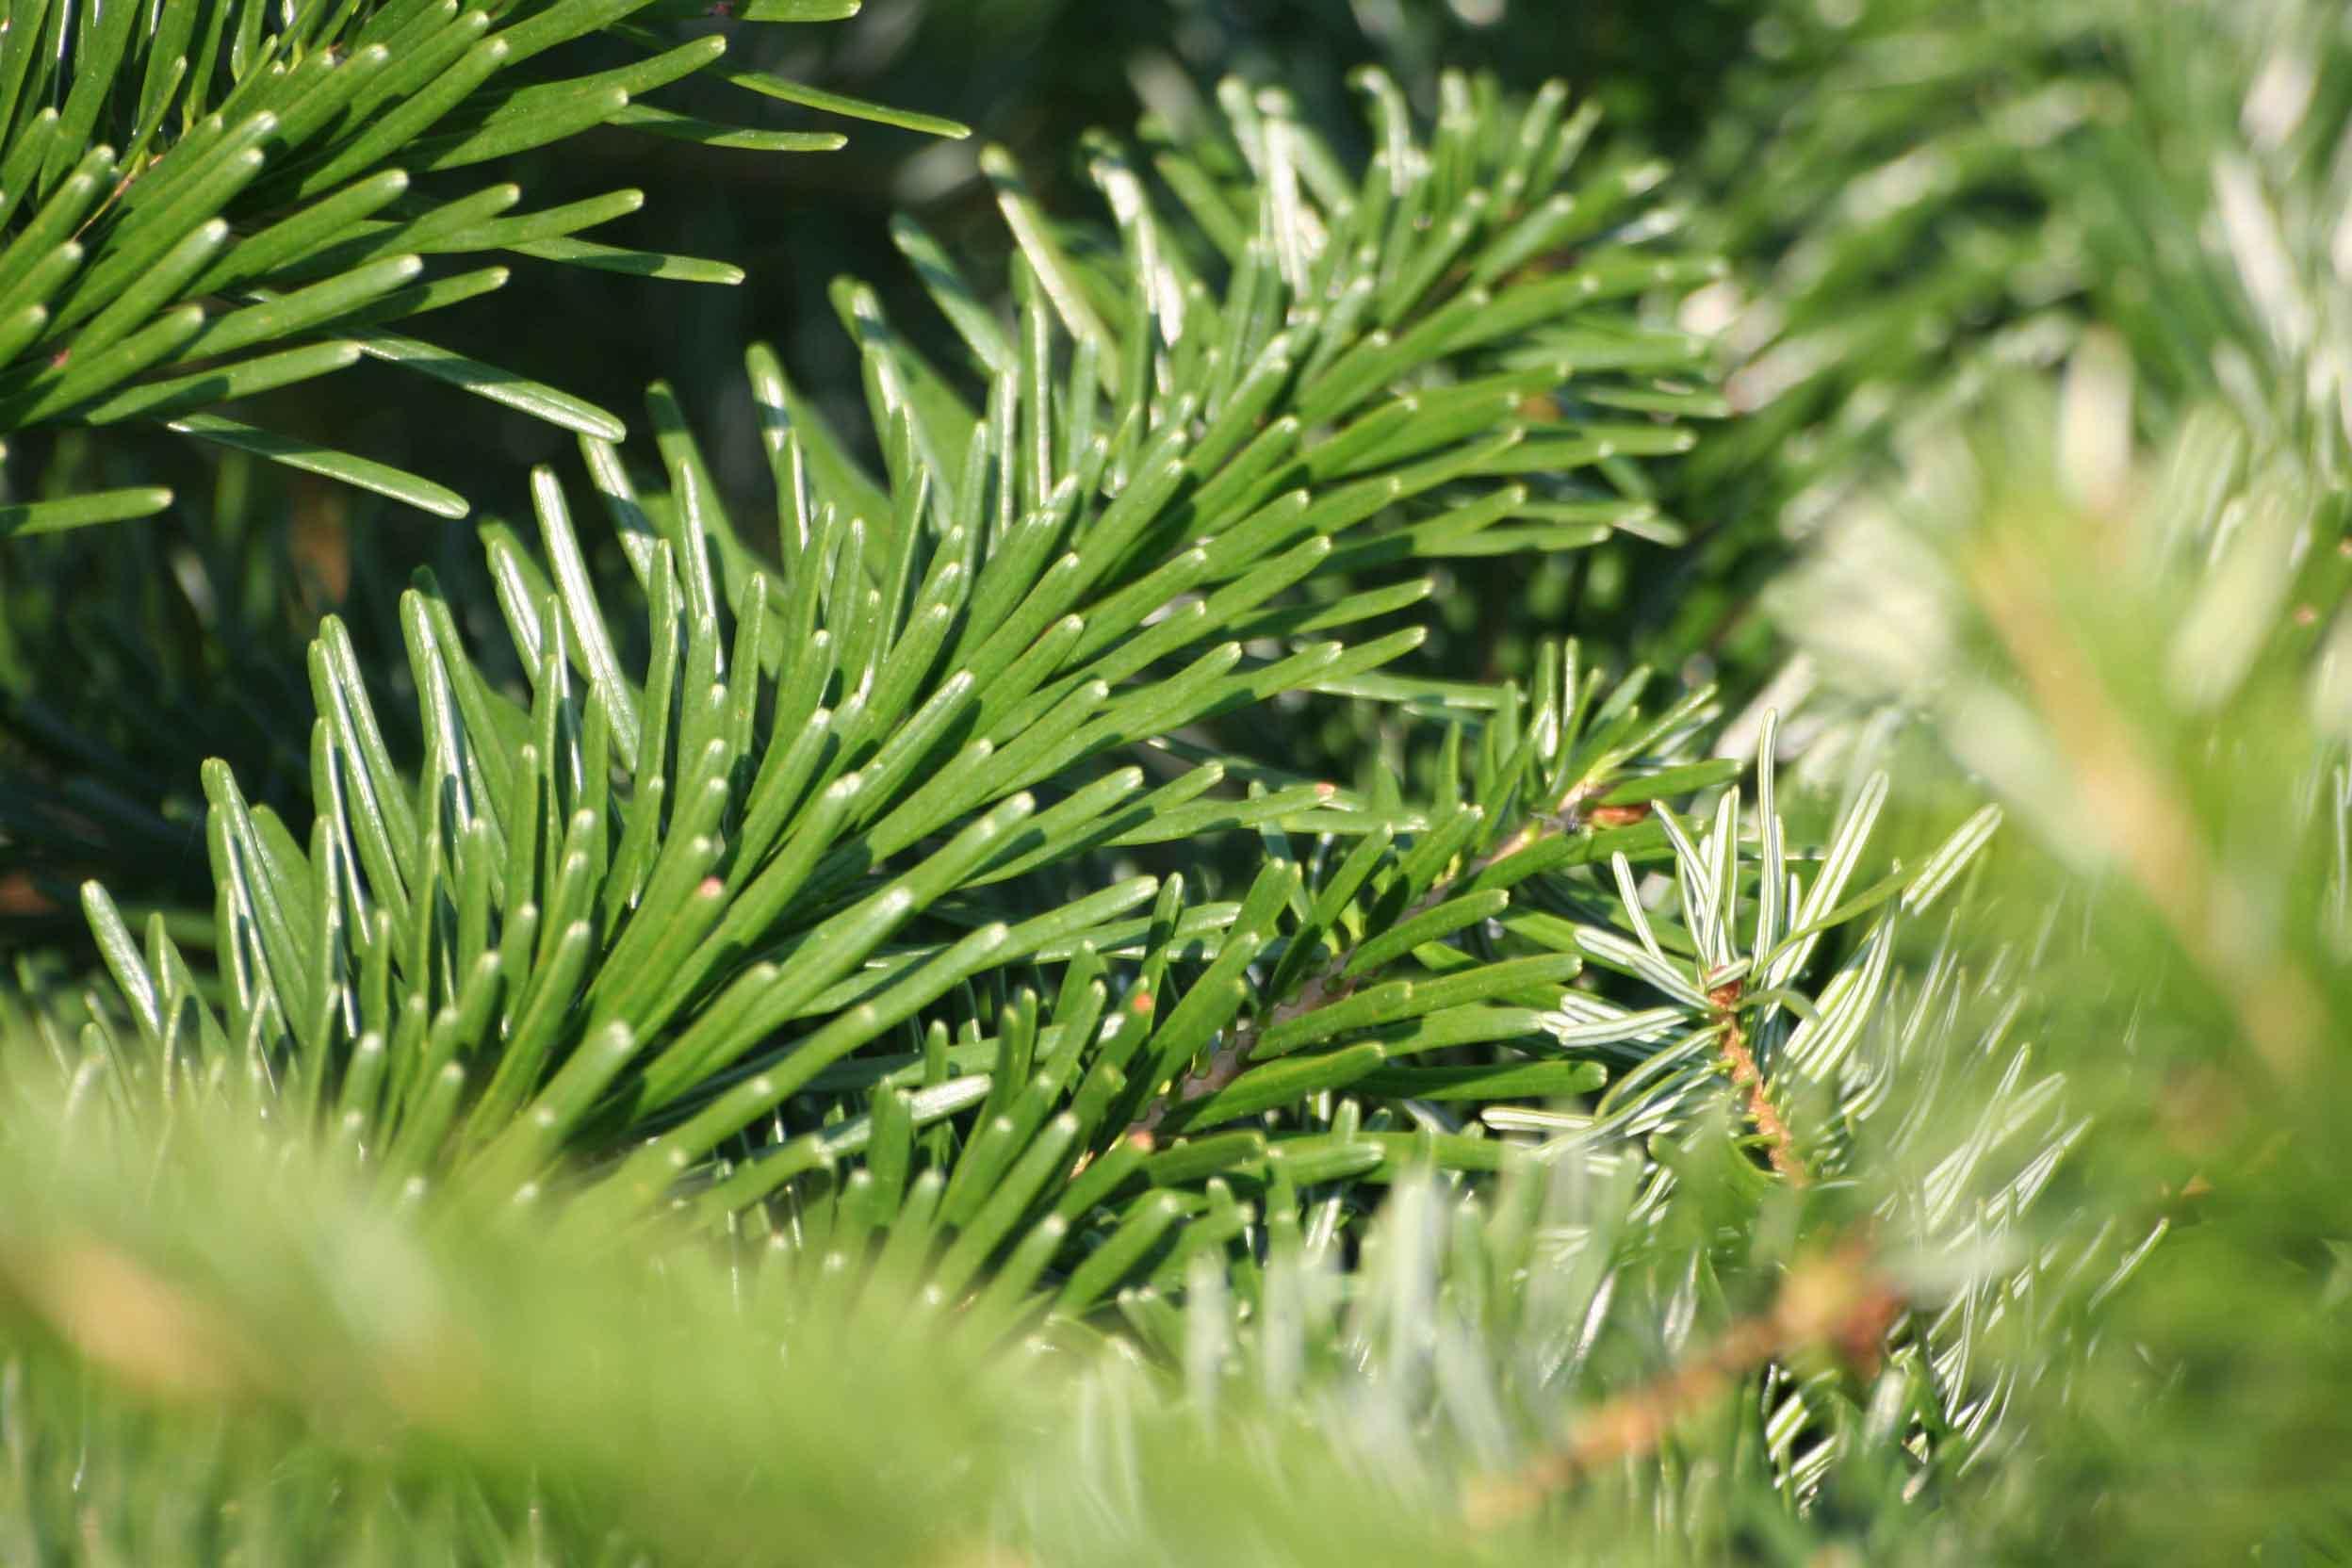 В Москве пройдут акции по сбору и переработке новогодних елок